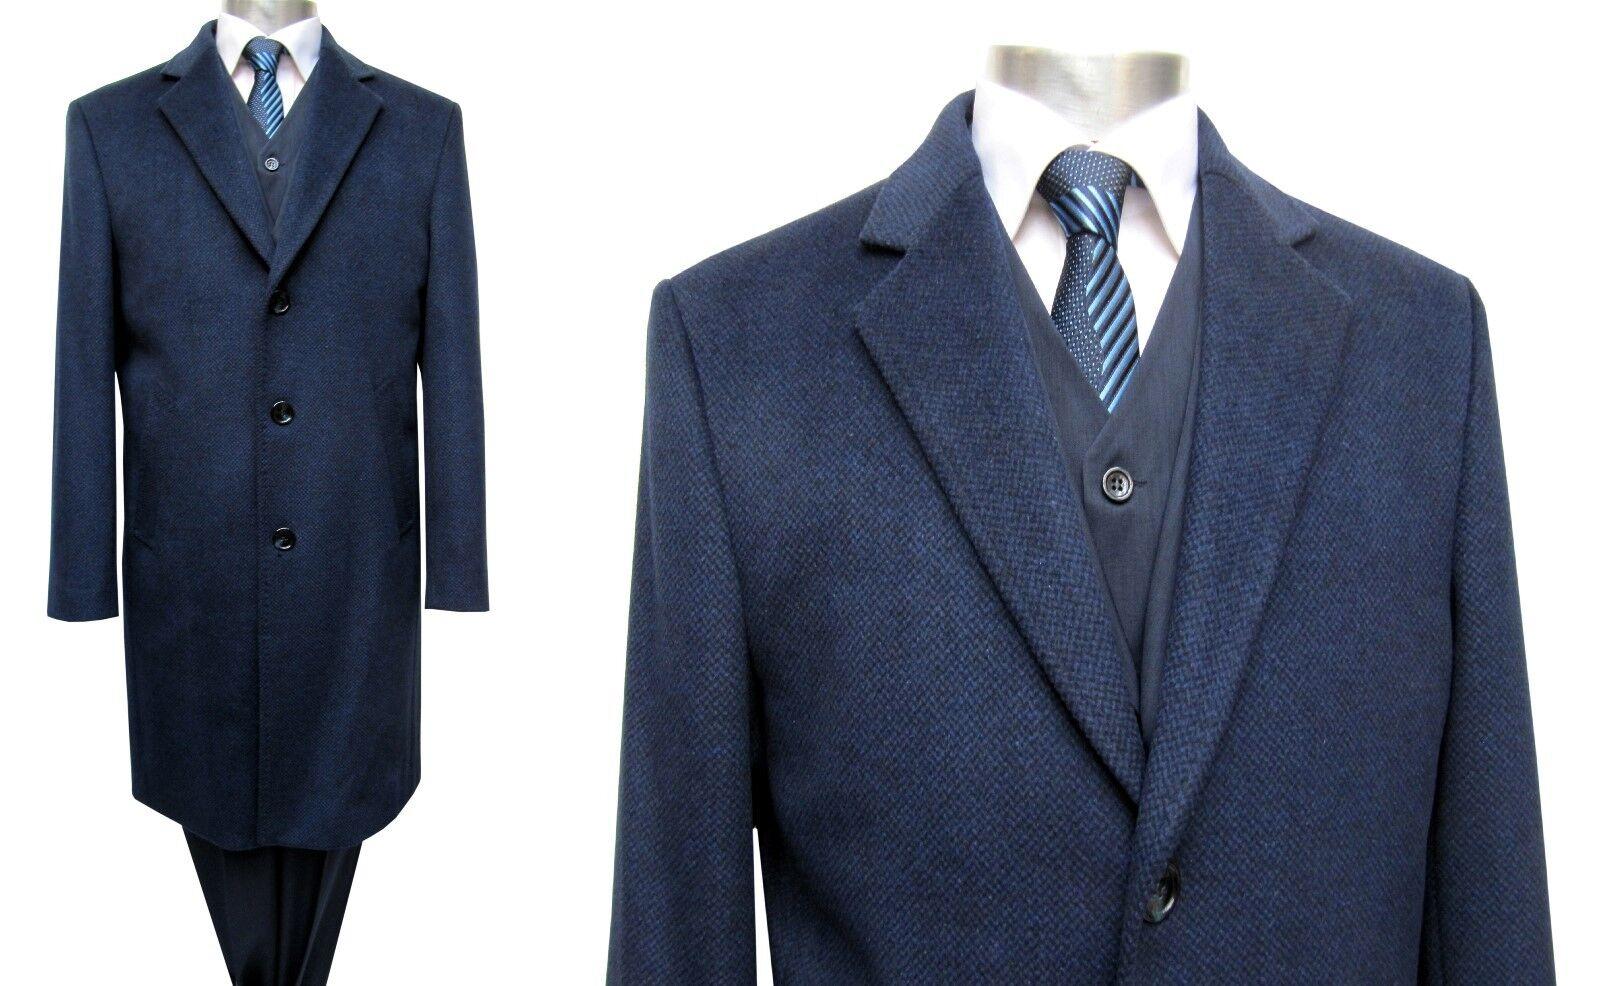 Muga Herren Mantel lang Gr.62 Marine blau